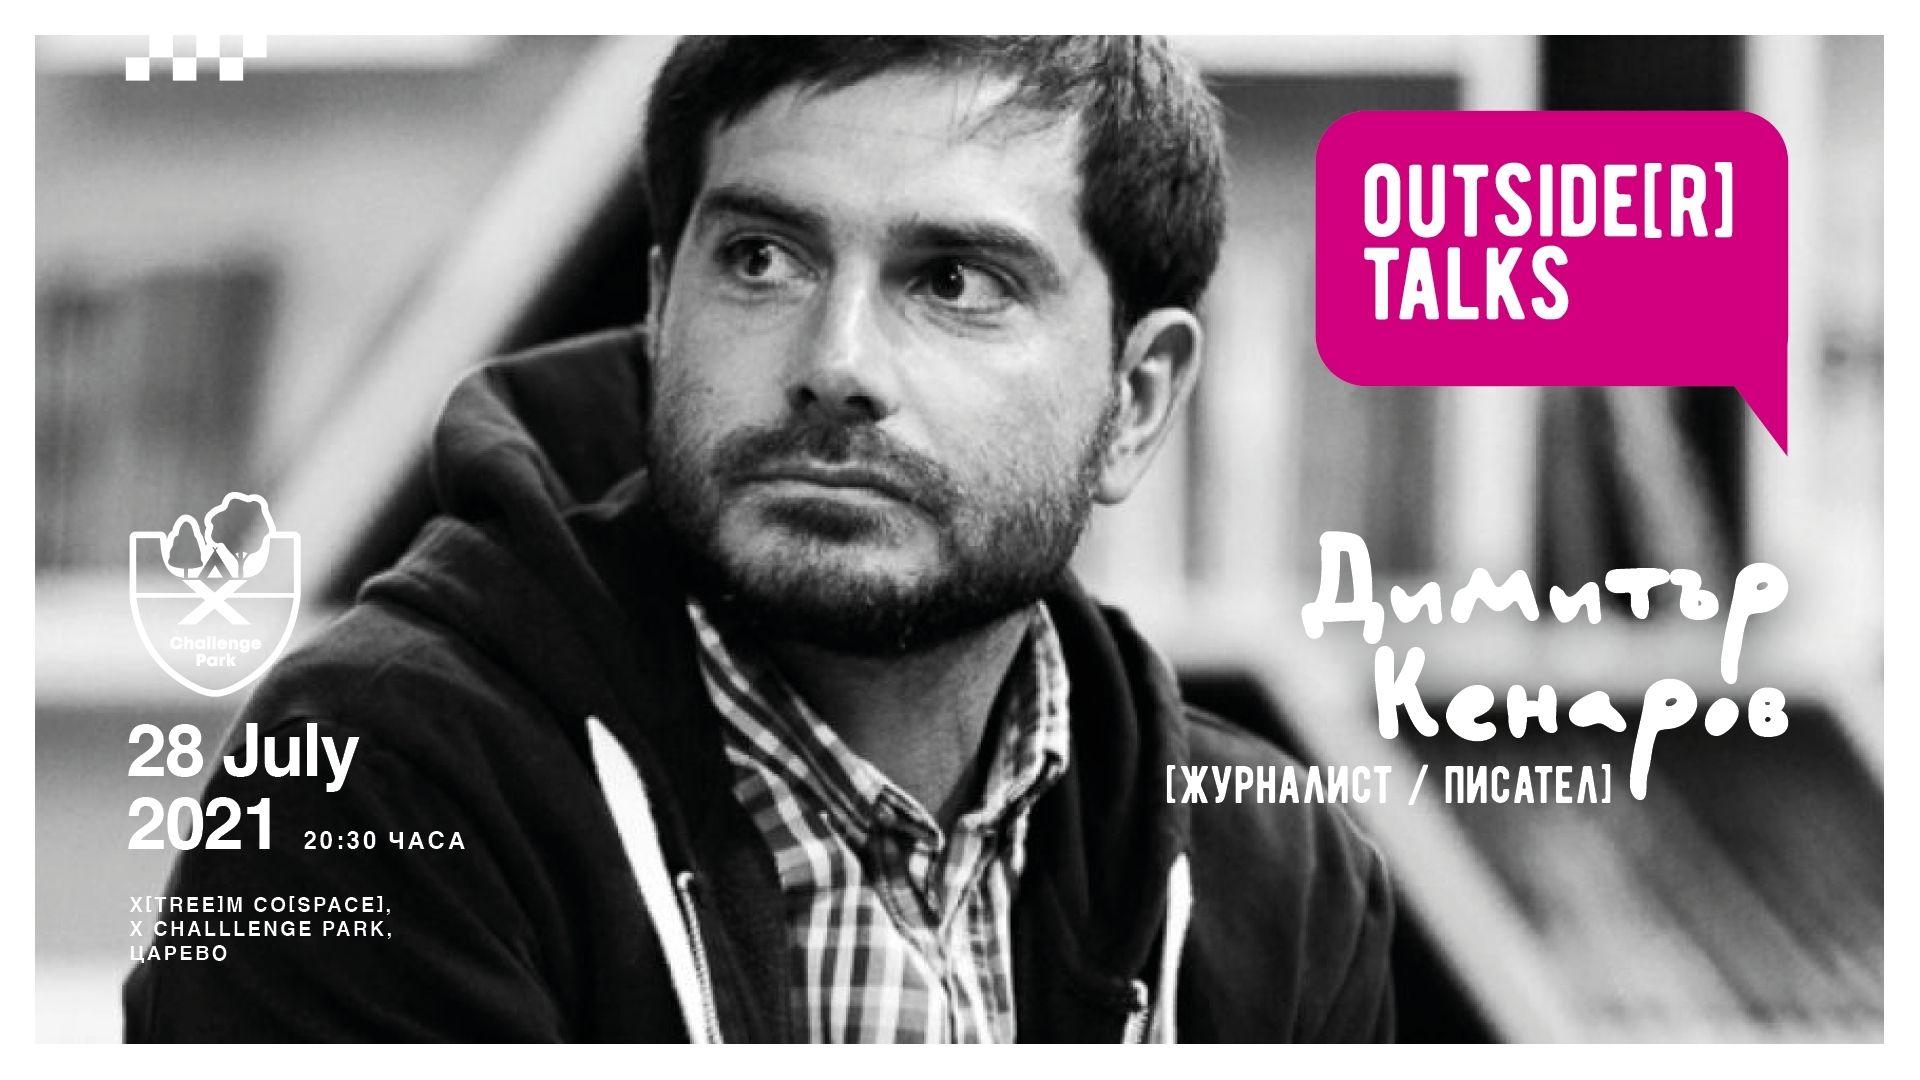 OUTSIDE[R] TALKS представя: Димитър Кенаров